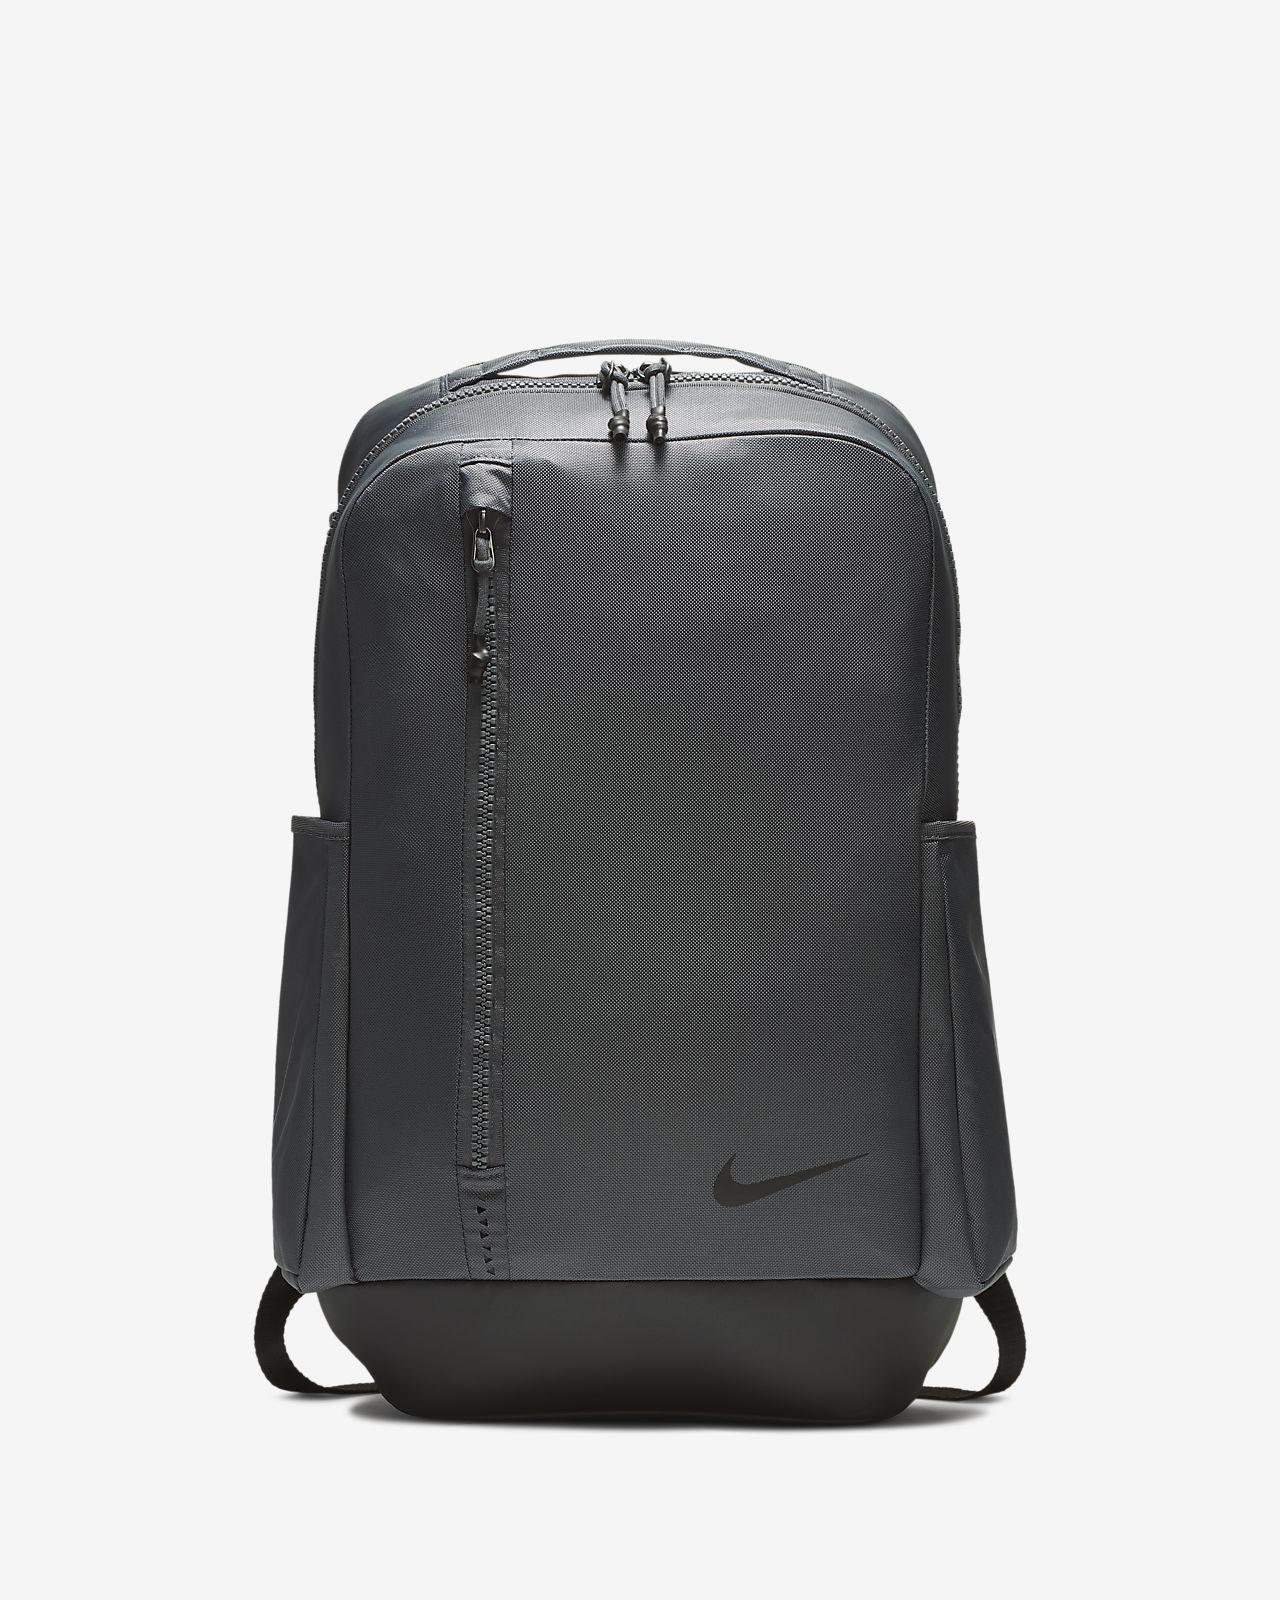 Σακίδιο προπόνησης Nike Vapor Power 2.0